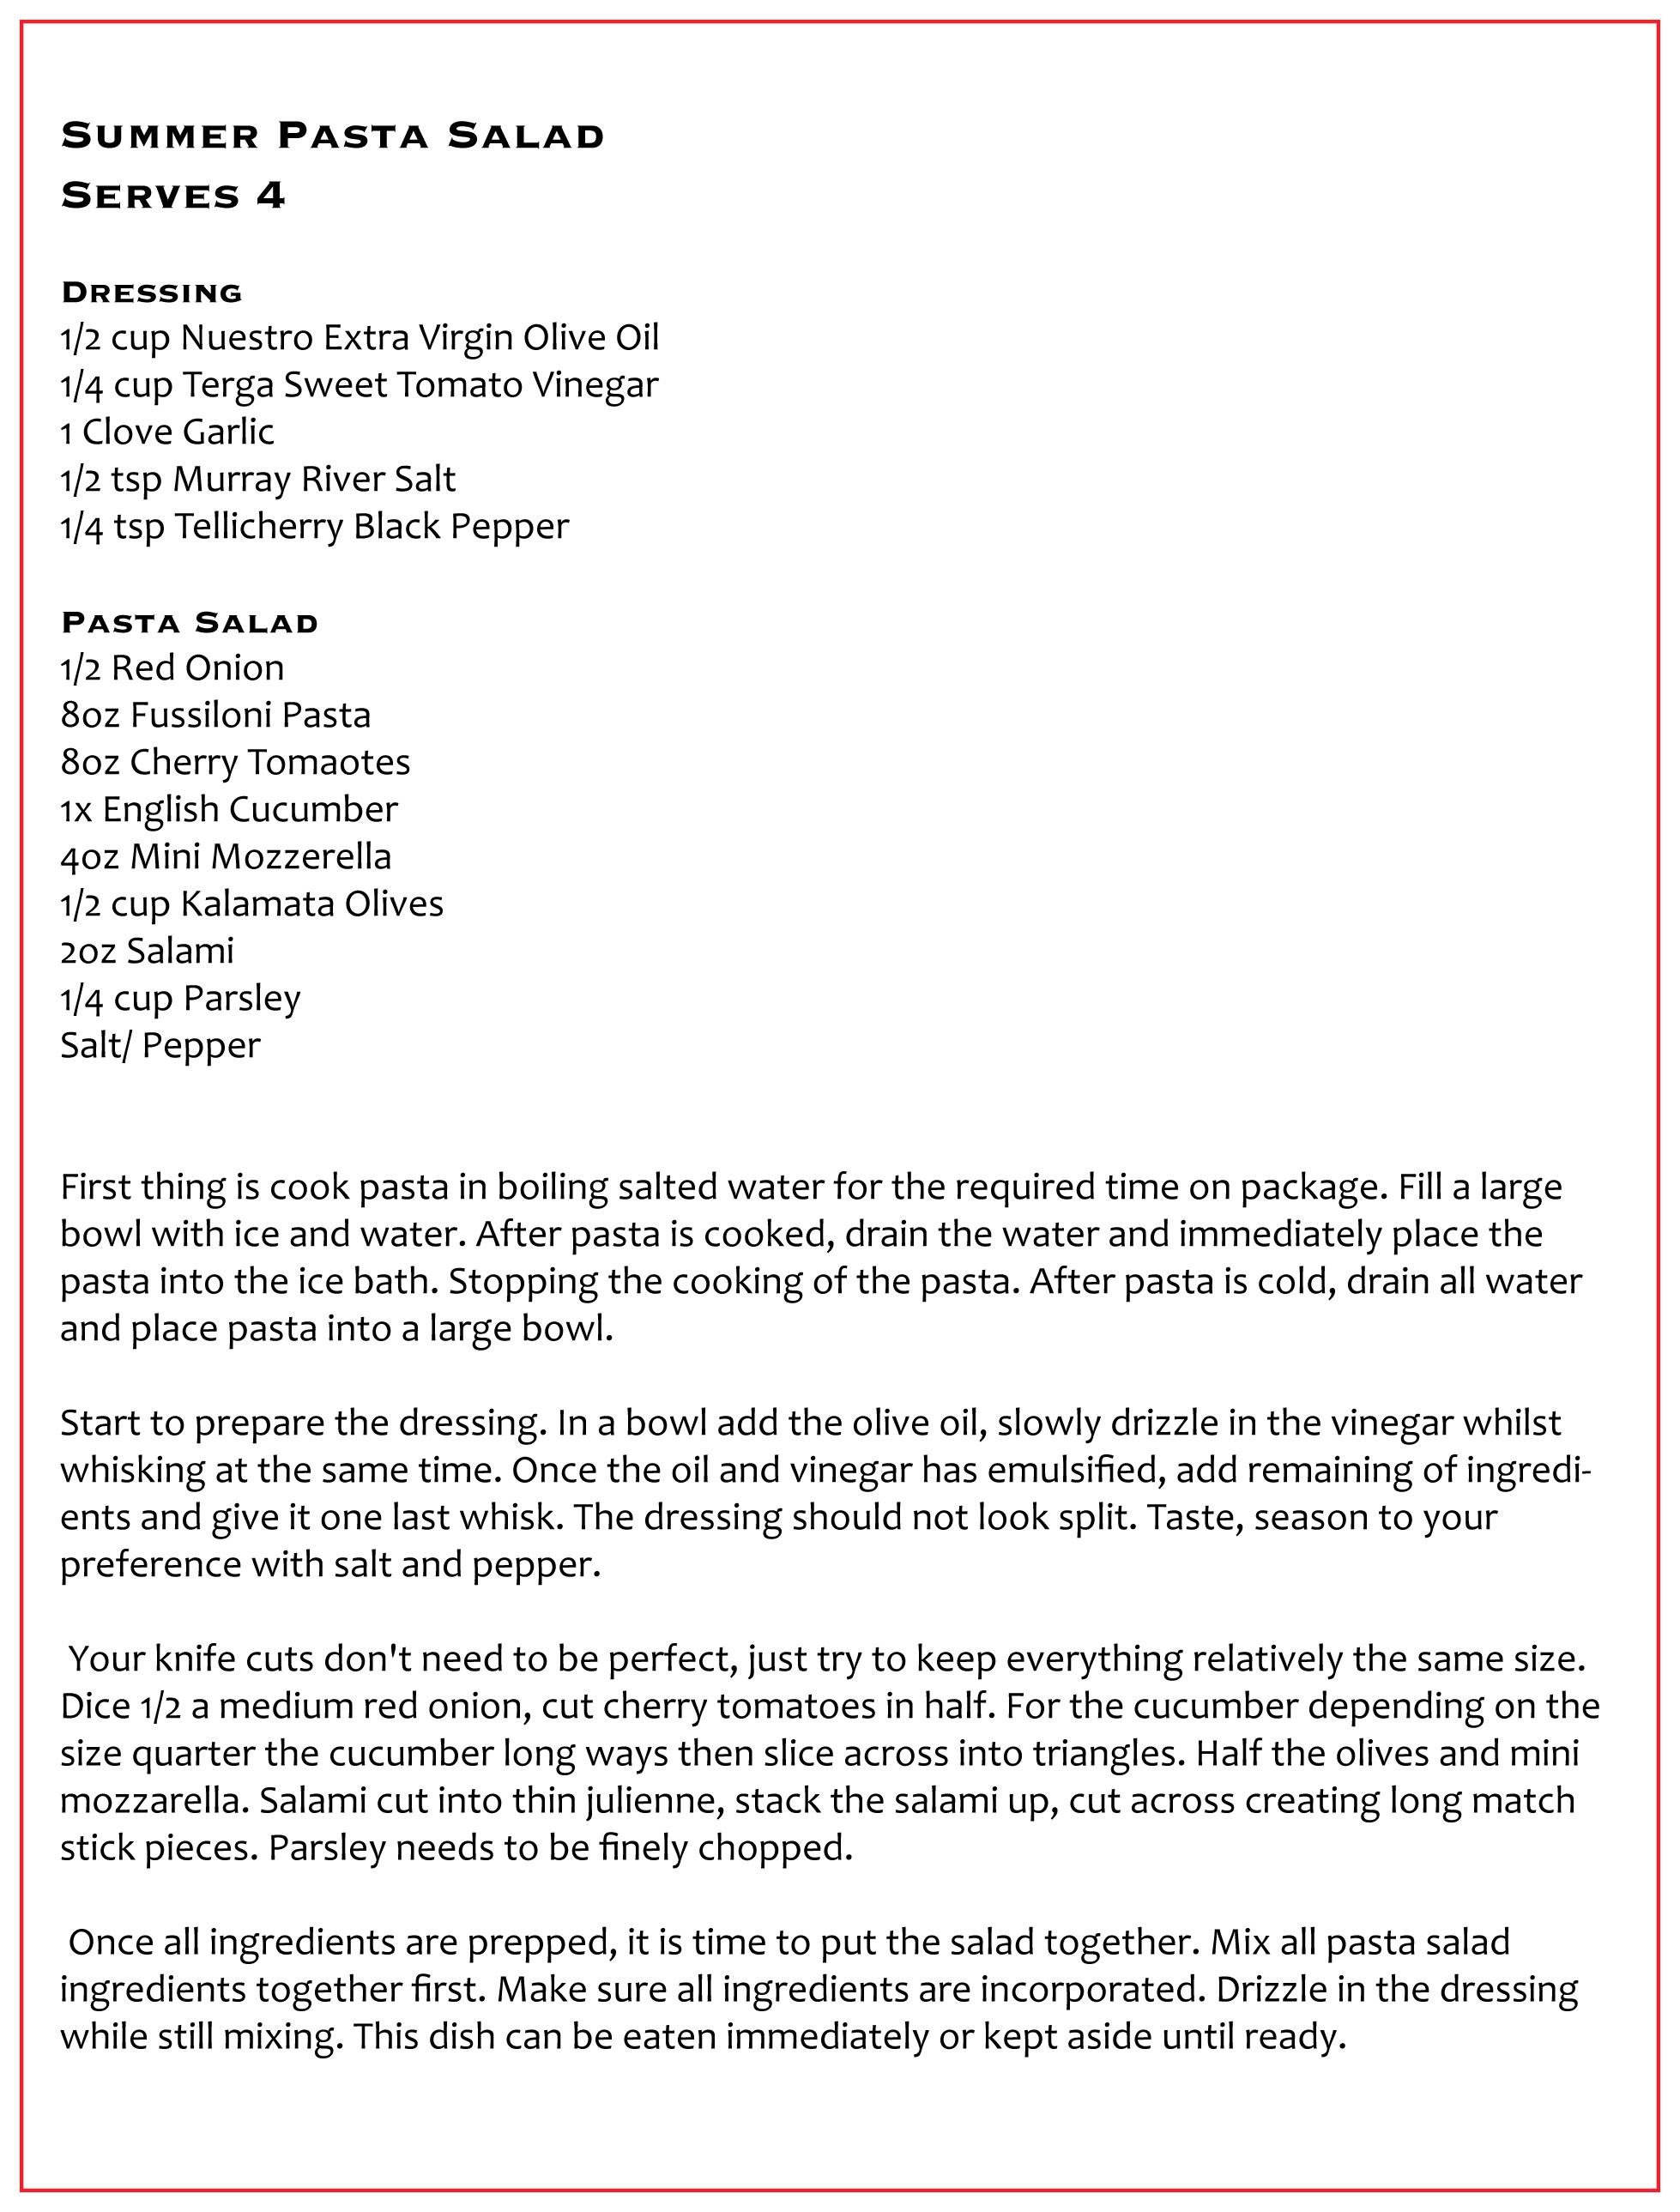 NEW RECIPE: Summer Pasta Salad